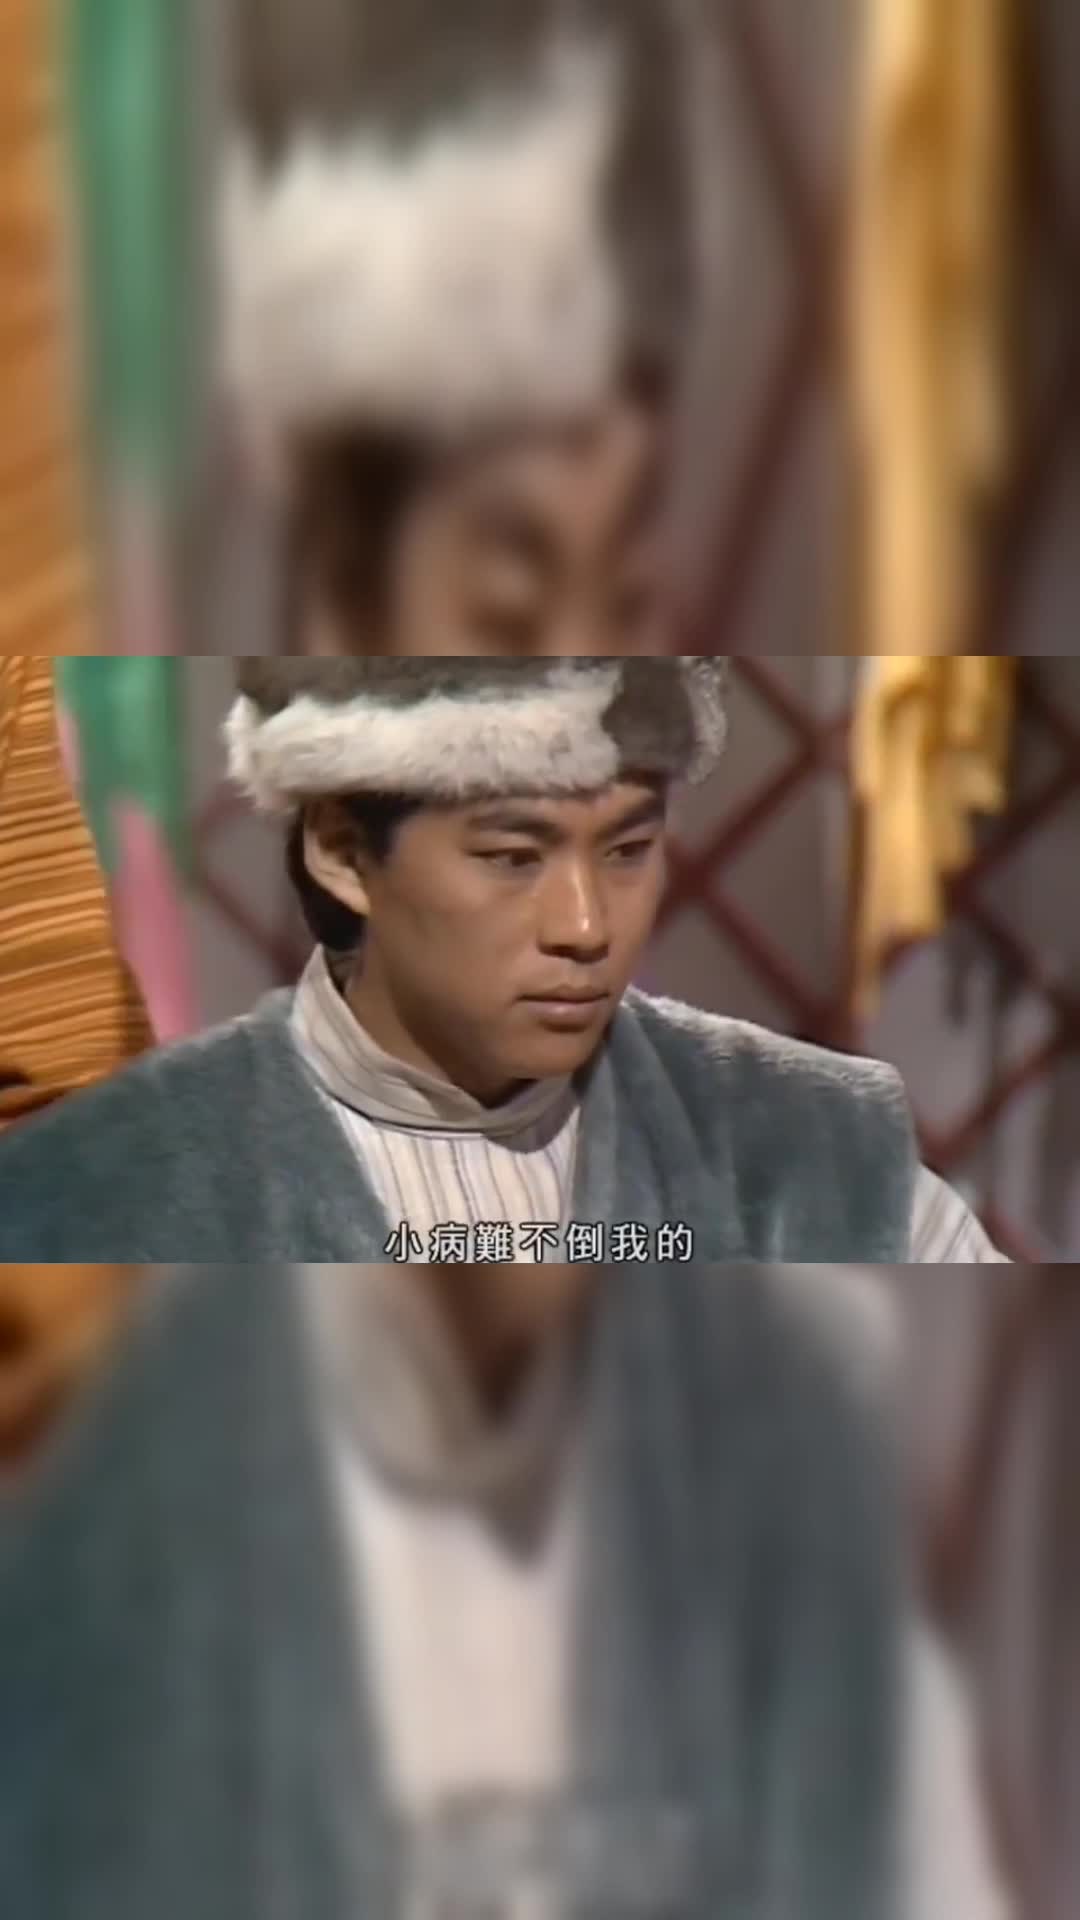 成吉思汗要攻打襄阳,郭靖出面阻止,蒙古兵要求格杀勿论!